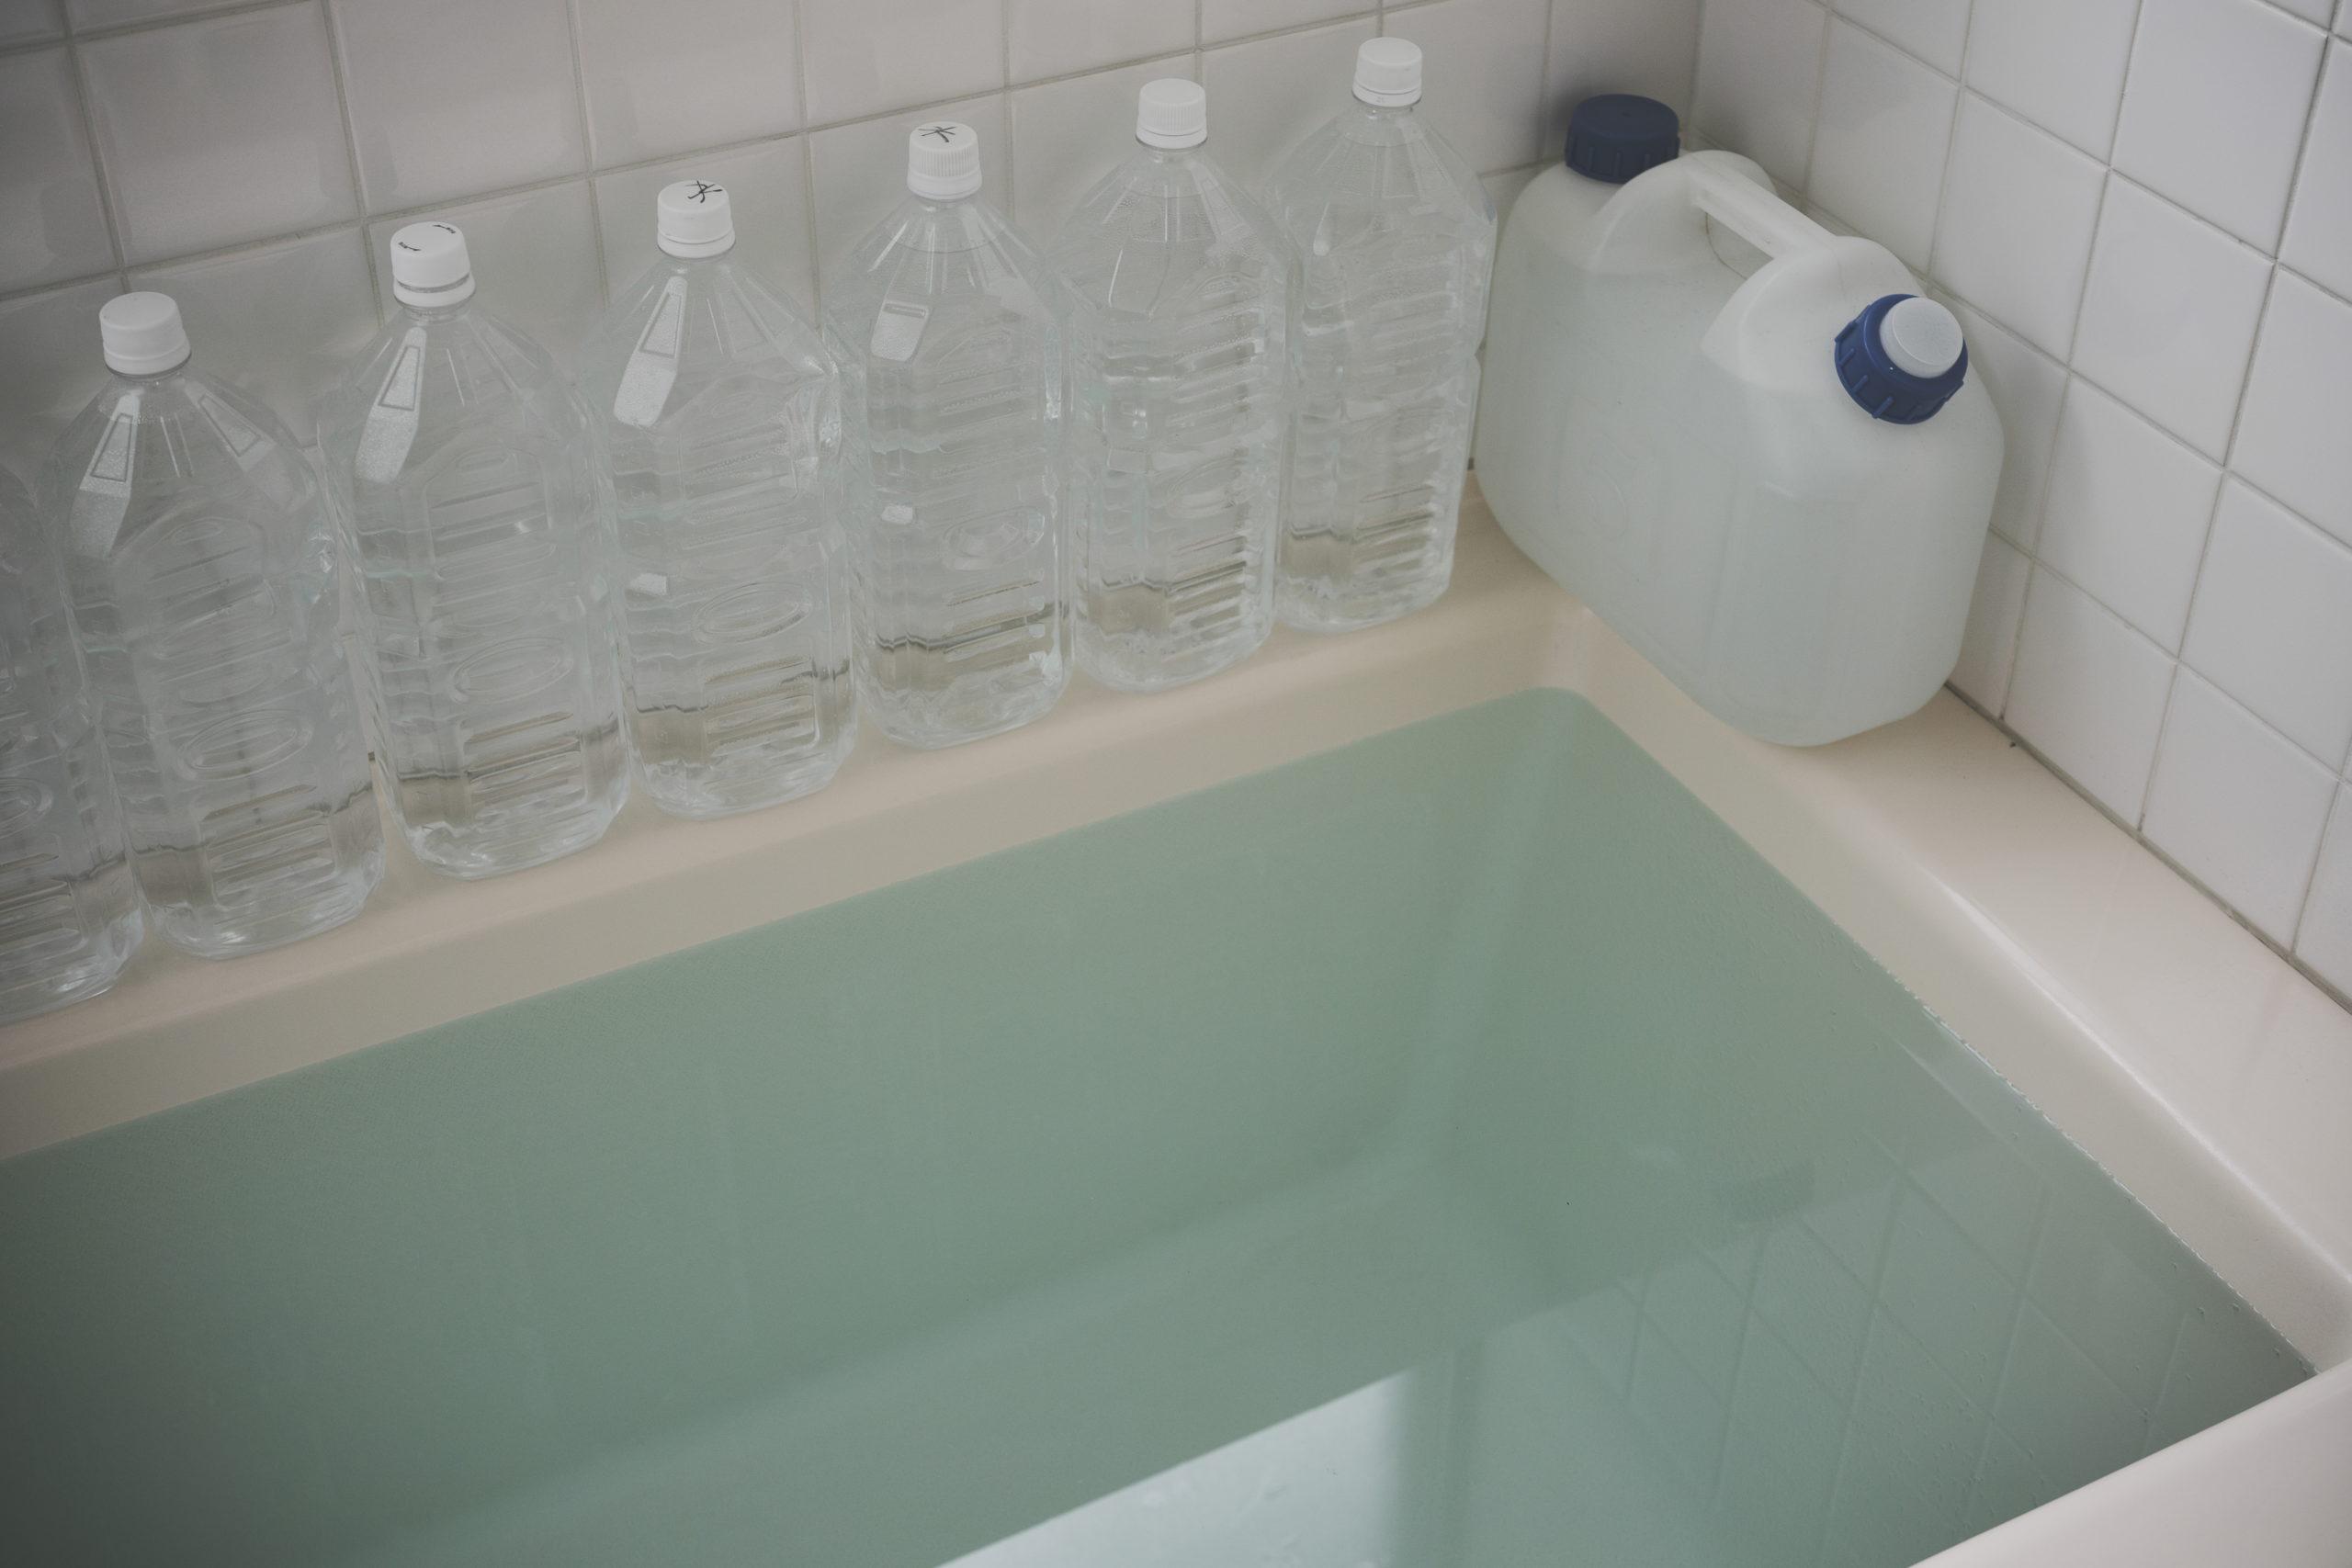 防災:断水対策「浴槽に水を溜める、ペットボトル、ポリタンクに水を準備」